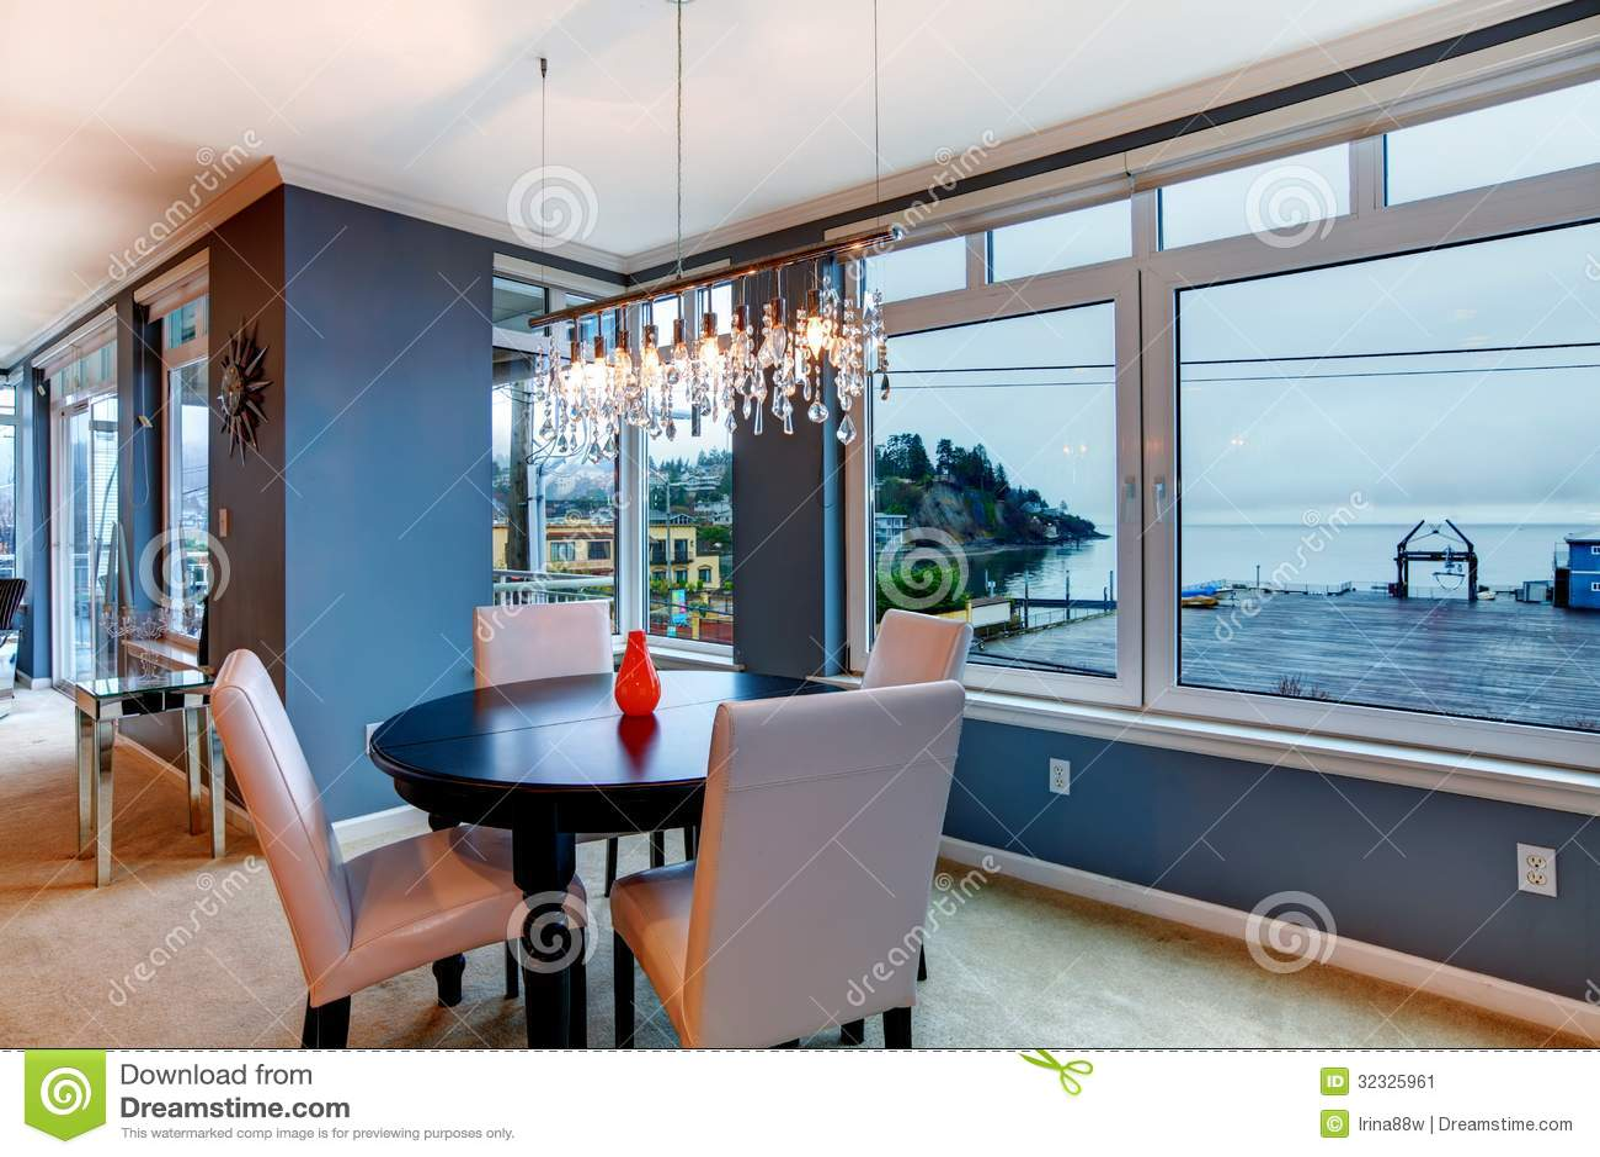 De eetkamer van de stadsflat met ronde kleine lijst en blauwe muren stock afbeelding - Deco van de eetkamer ...